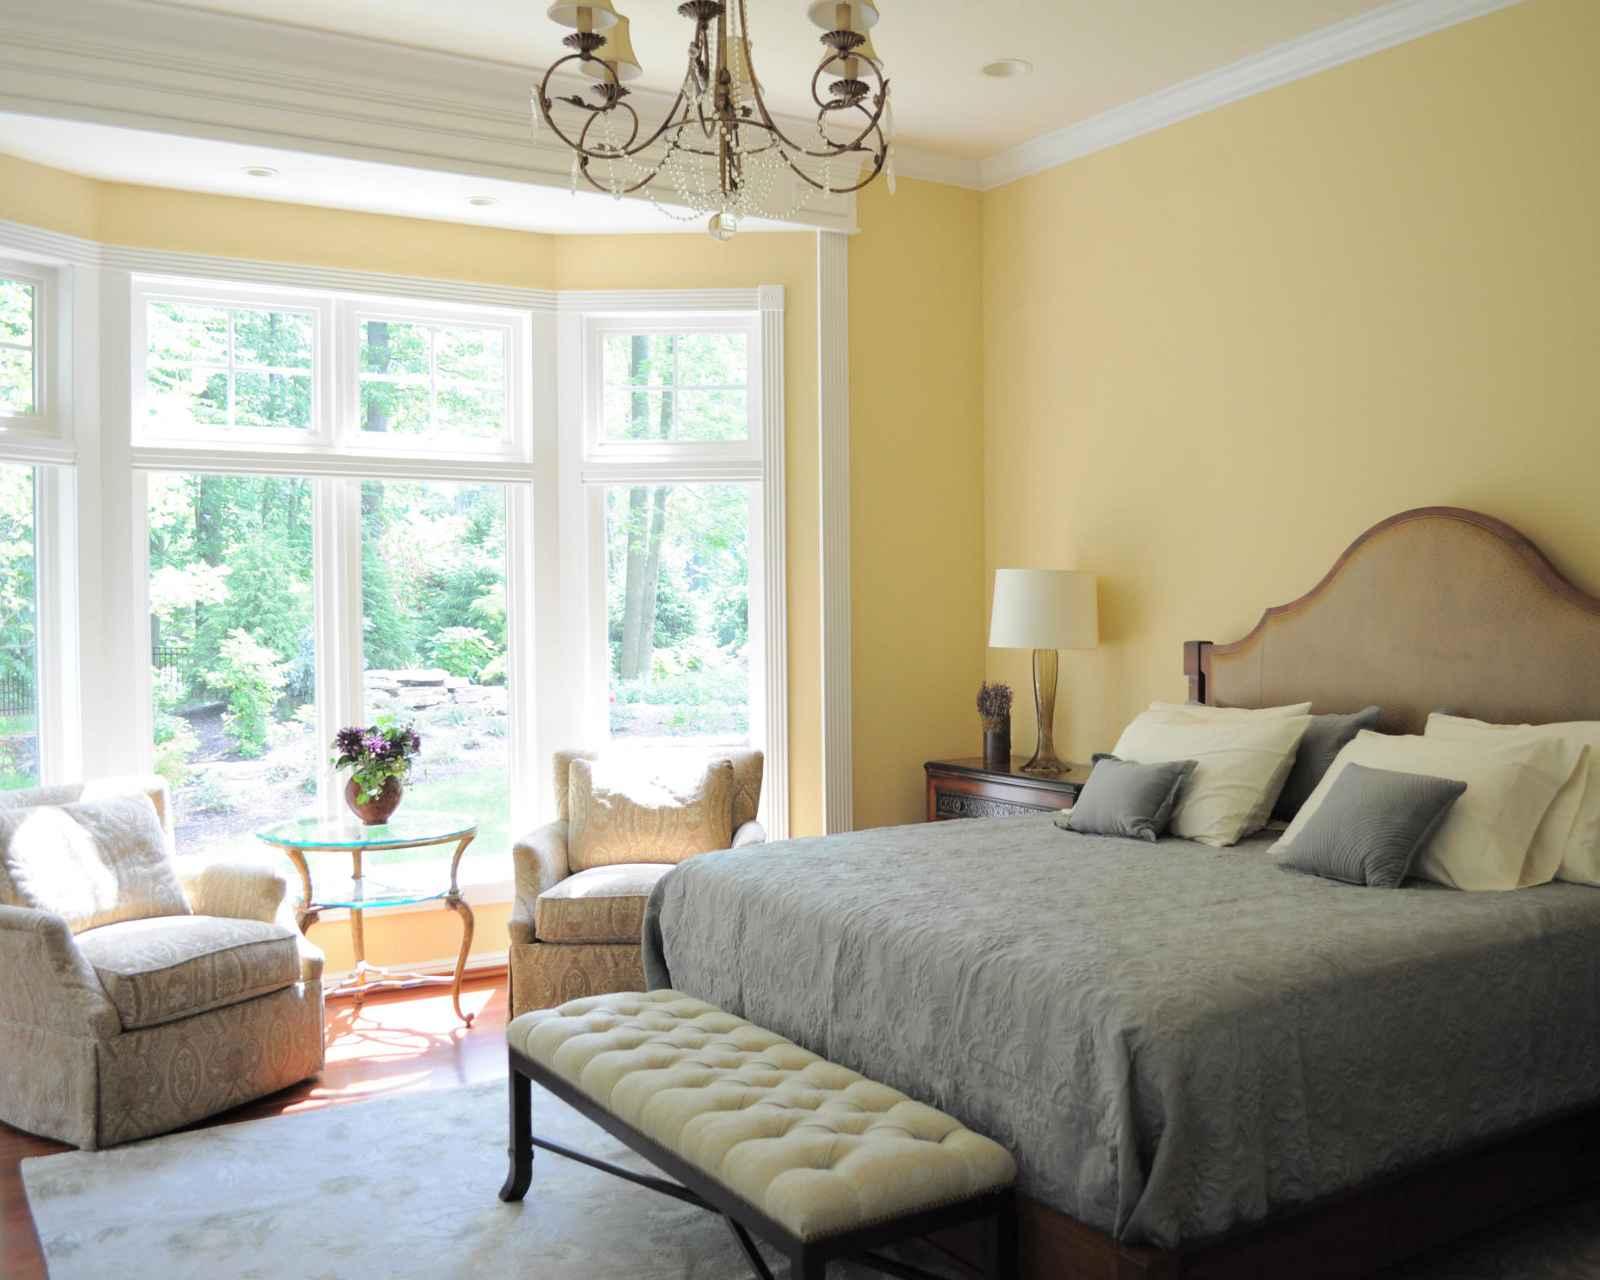 Cheap House Decor Ideas | Feel The Home on Cheap Bedroom Ideas  id=33993